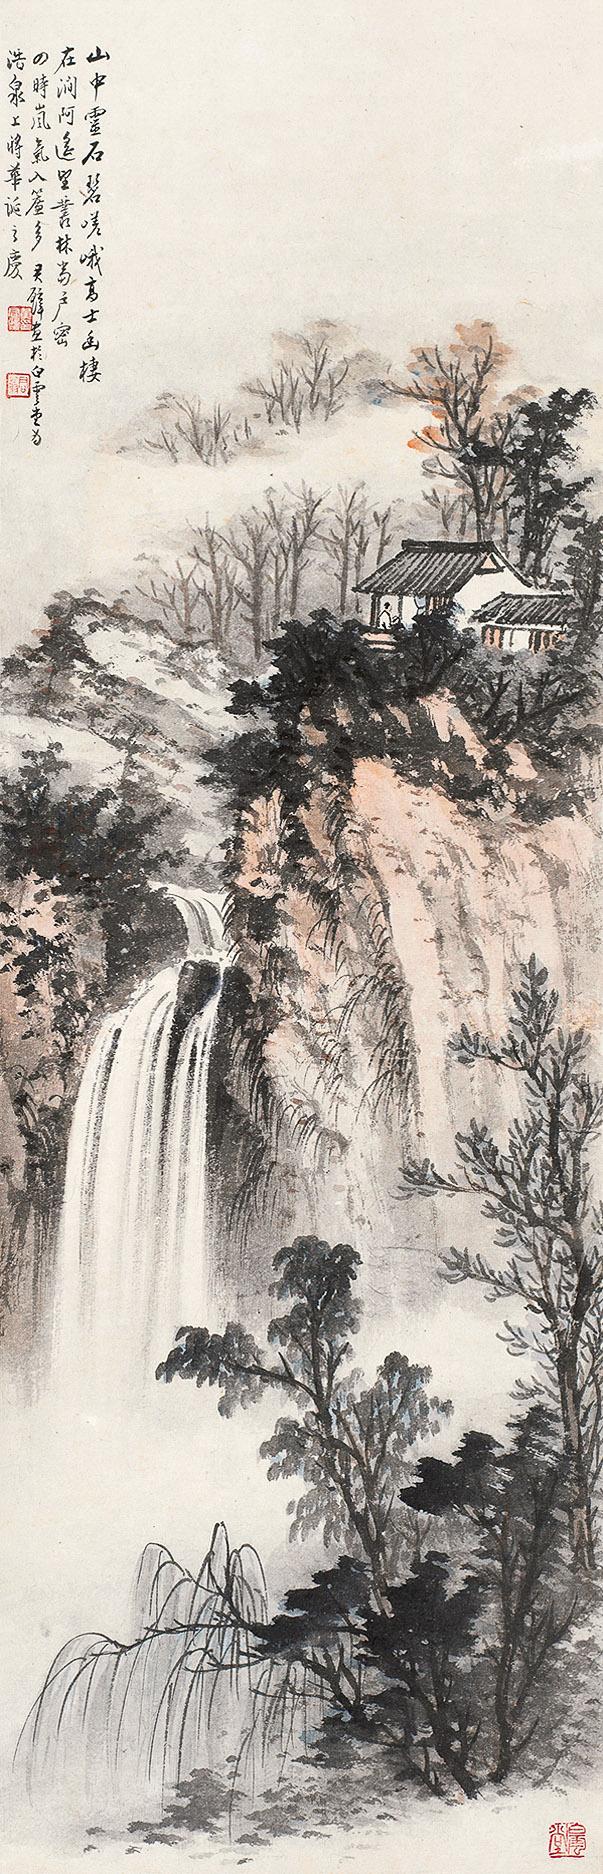 瀑边幽居图